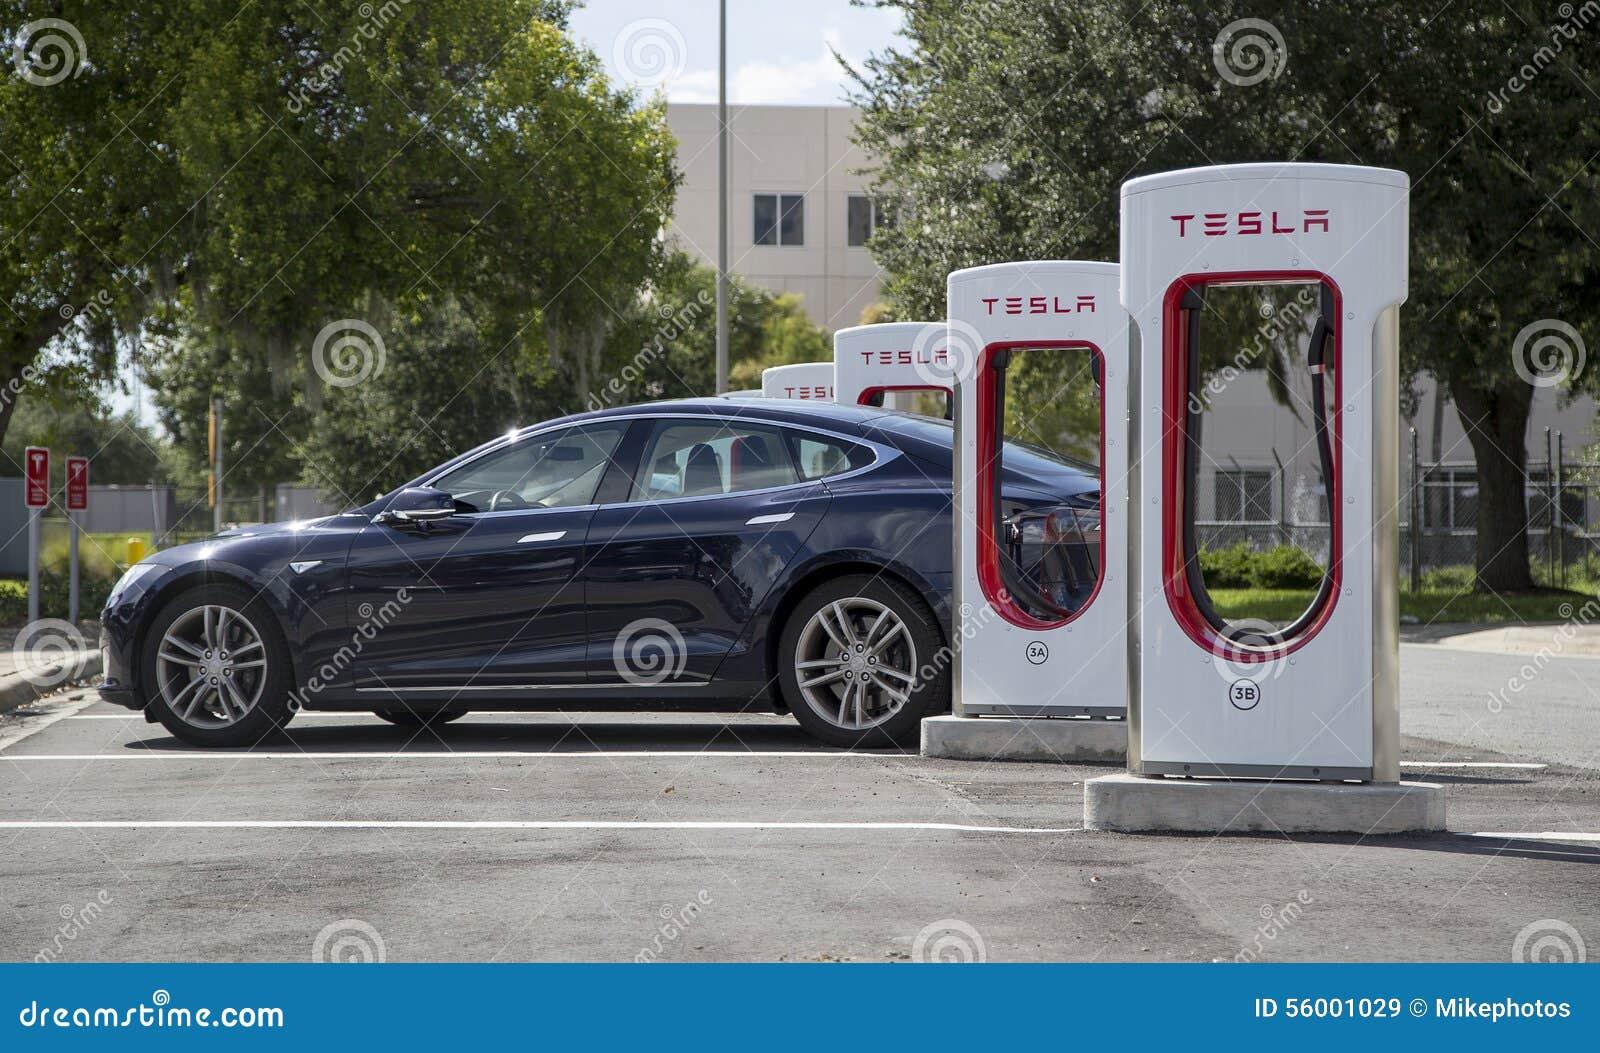 tesla charging stations of florida turnpike stock image image 56001029. Black Bedroom Furniture Sets. Home Design Ideas